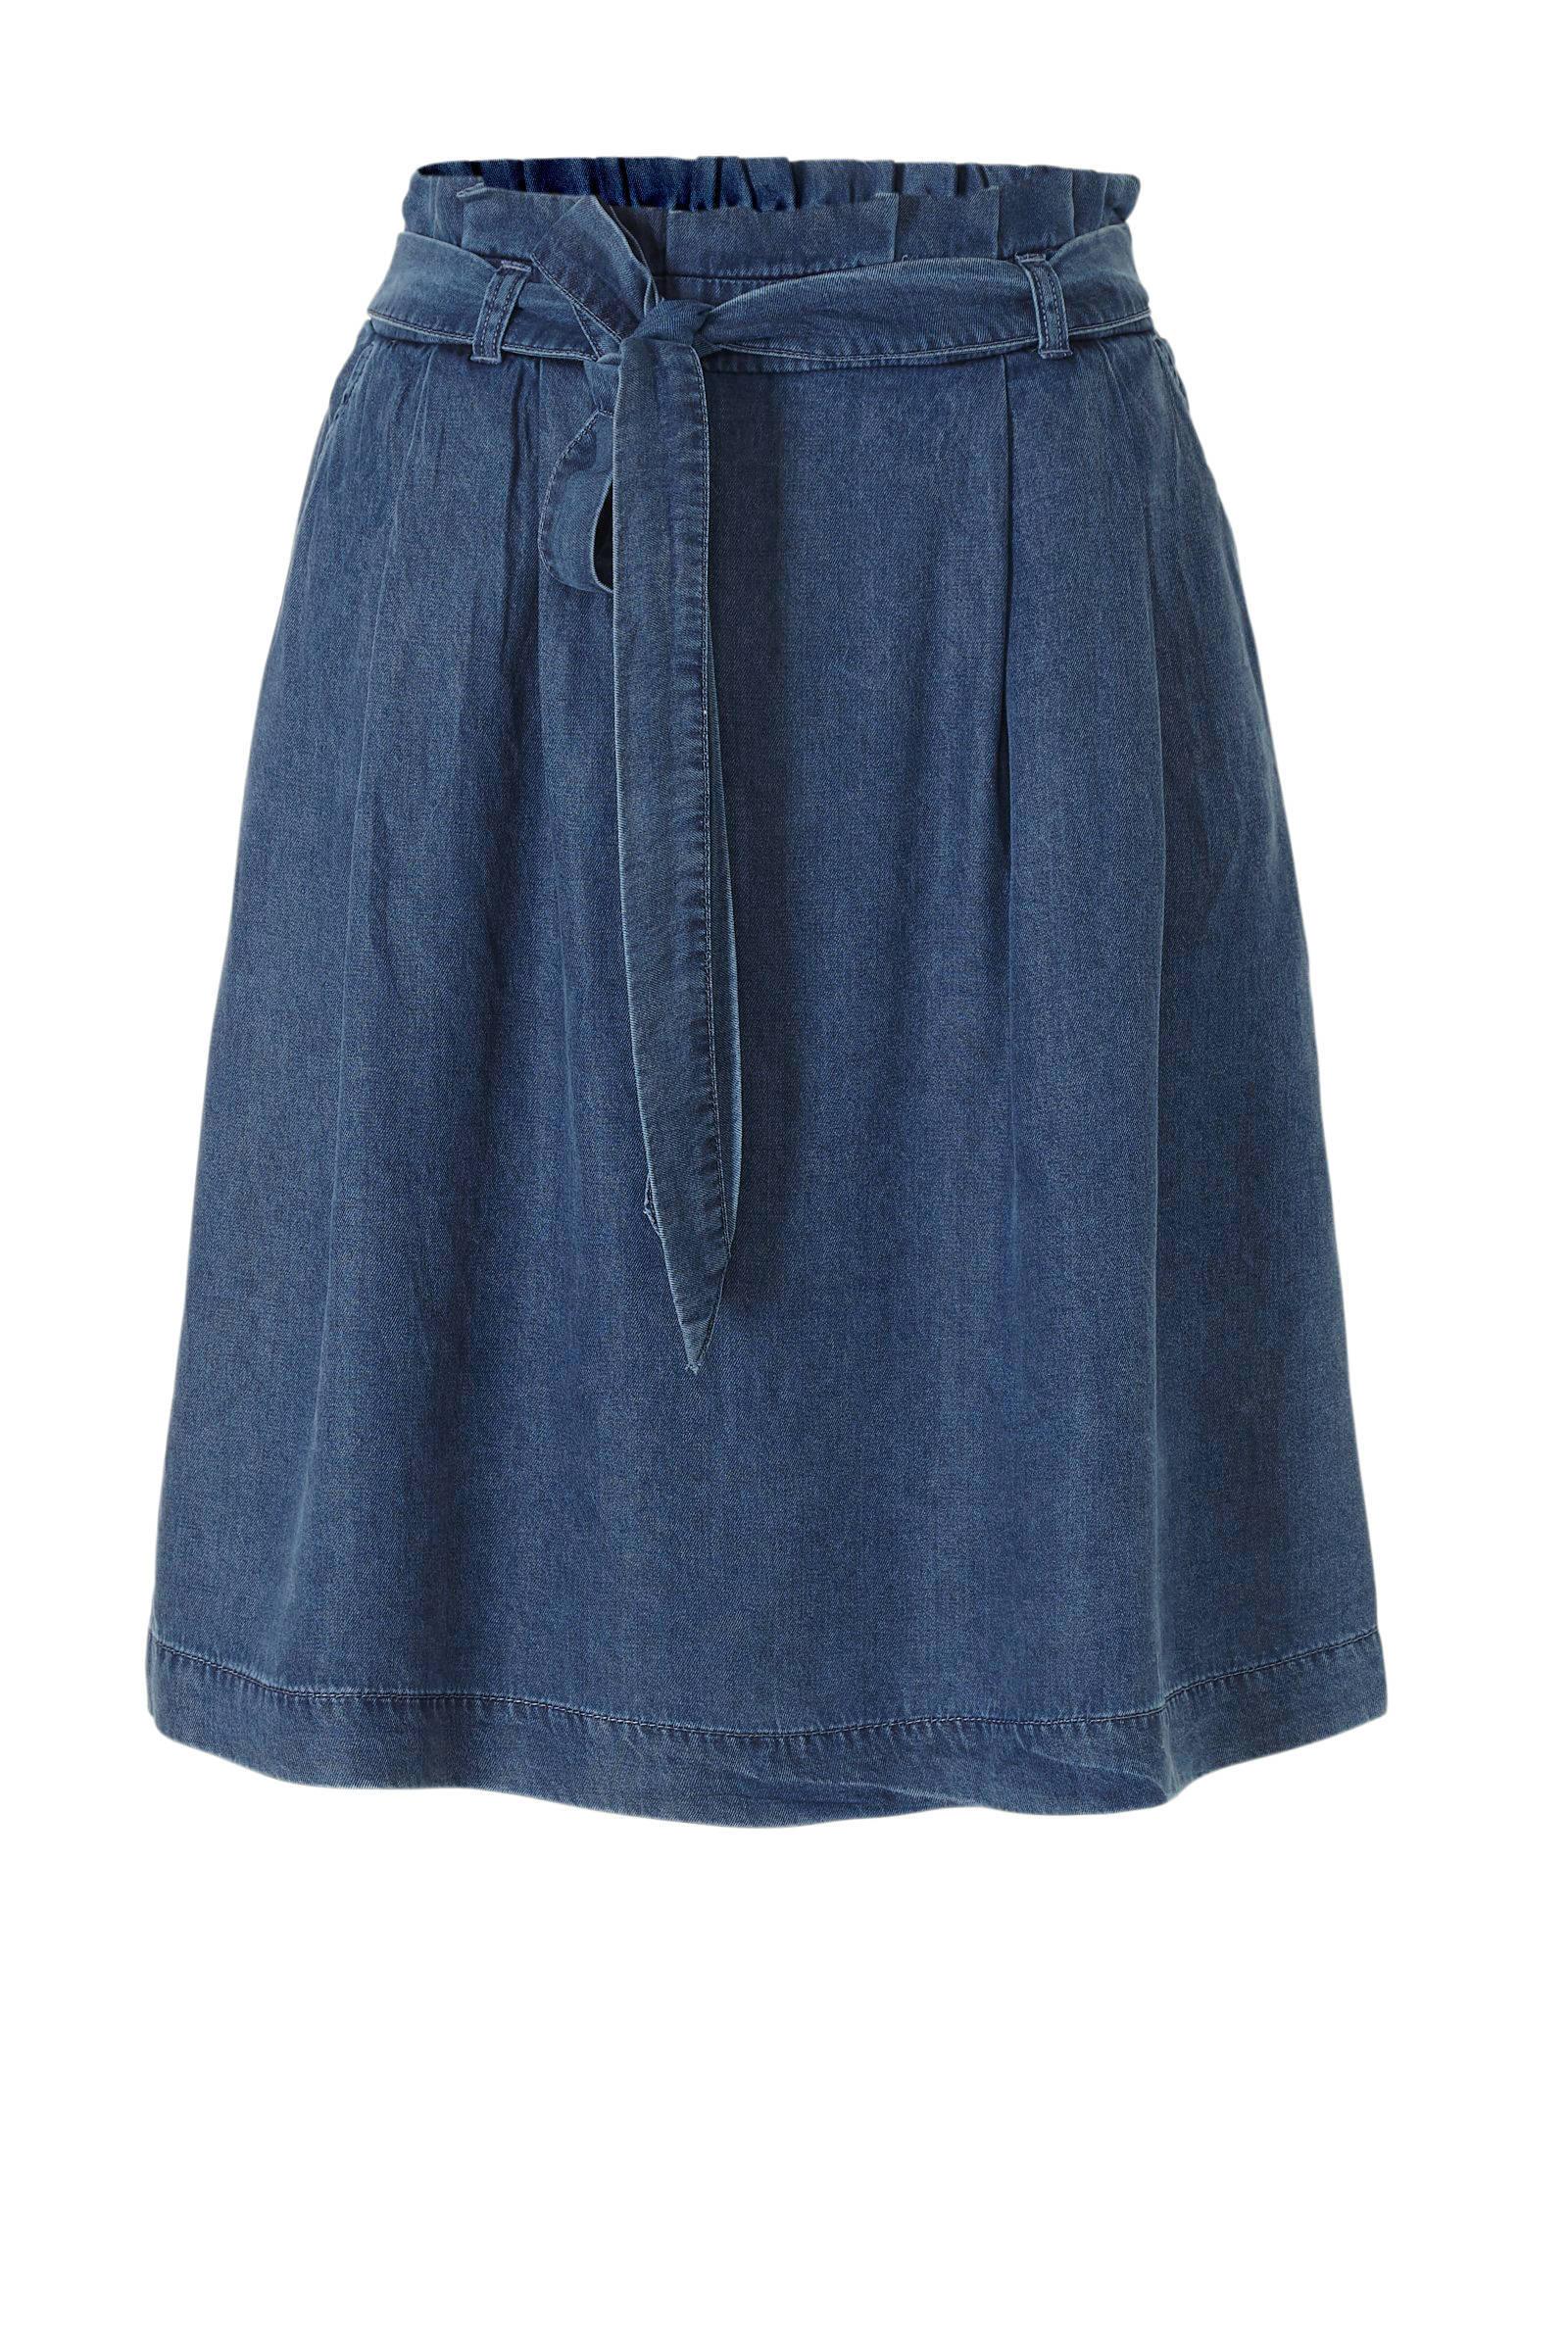 80cac8b5a0d51b dames jurken   rokken bij wehkamp - Gratis bezorging vanaf 20.-